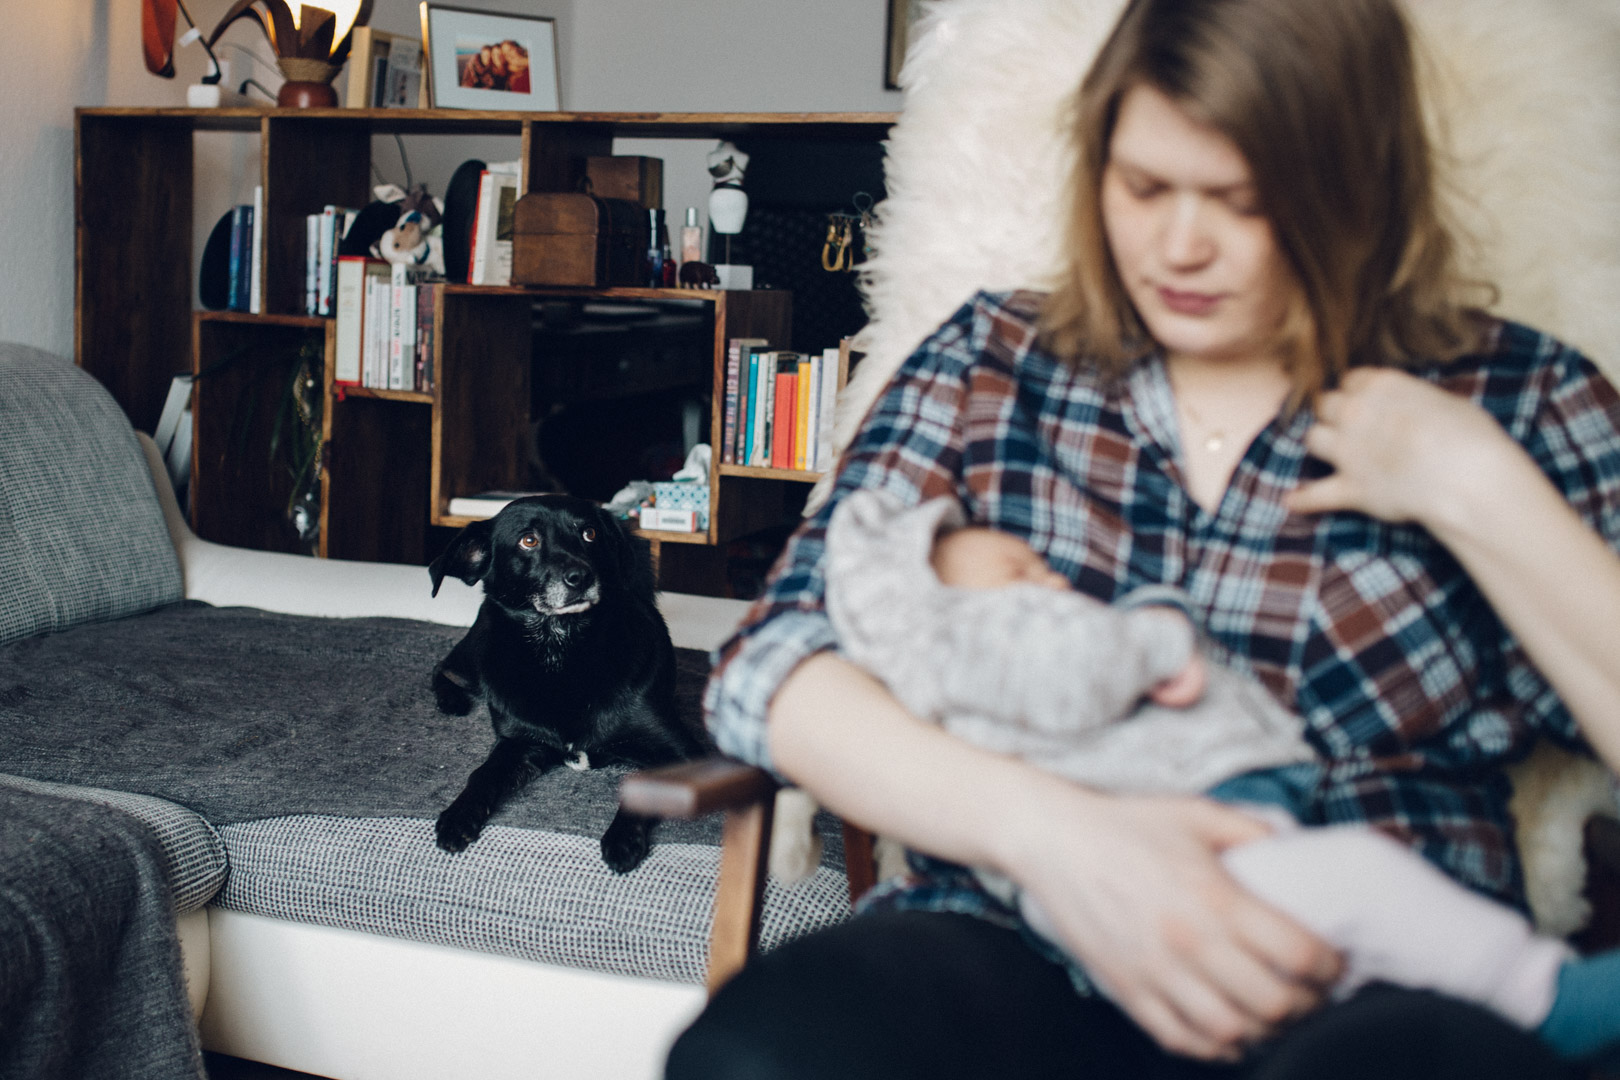 Neugeborenenfotos Berlin Familienreportage Berlin-Wedding: Mutter mit Neugeborenem auf dem Arm. Hund im Hintergrund auf dem Sofa